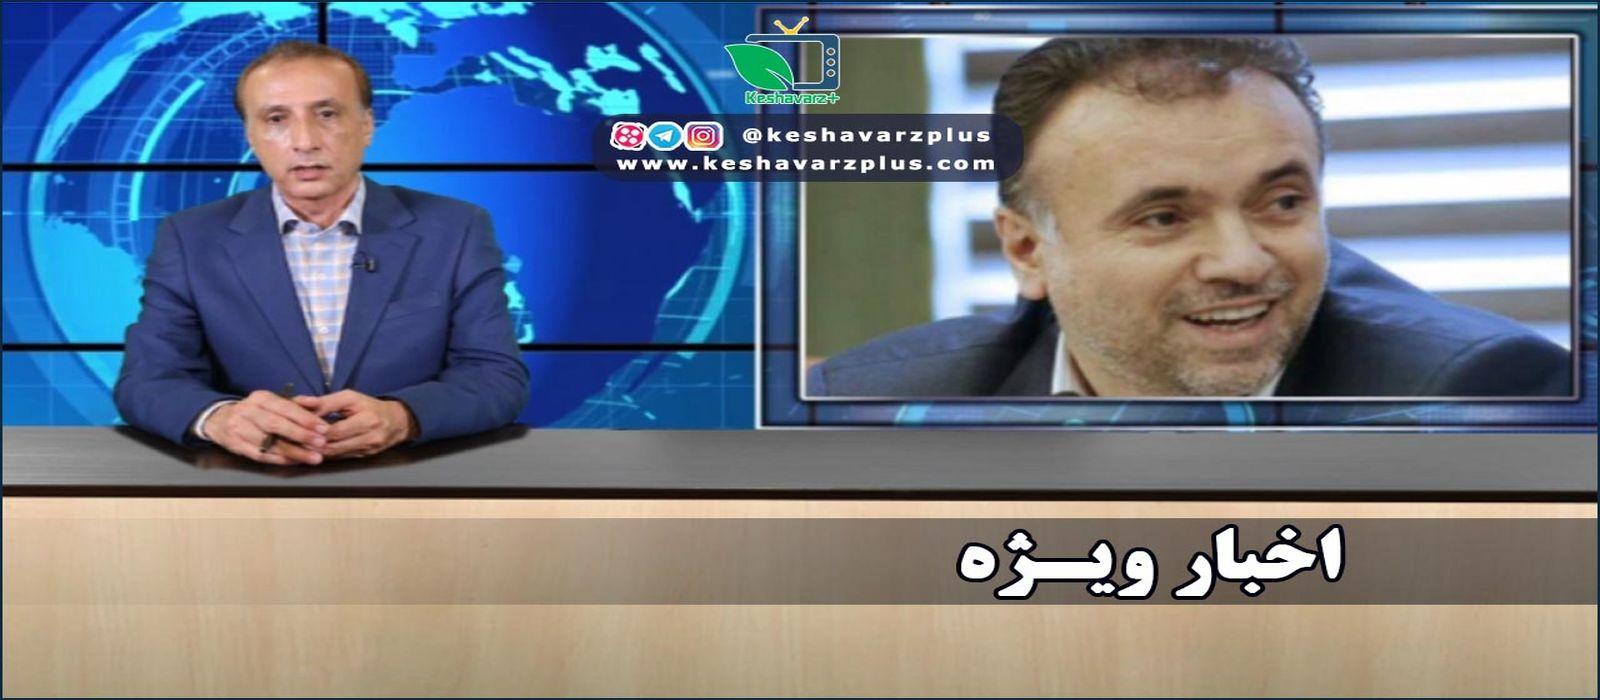 اخبار ویژه کشاورز پلاس، با گویندگی محمد رضا حیاتی ۳۱ تیر ۱۳۹۸